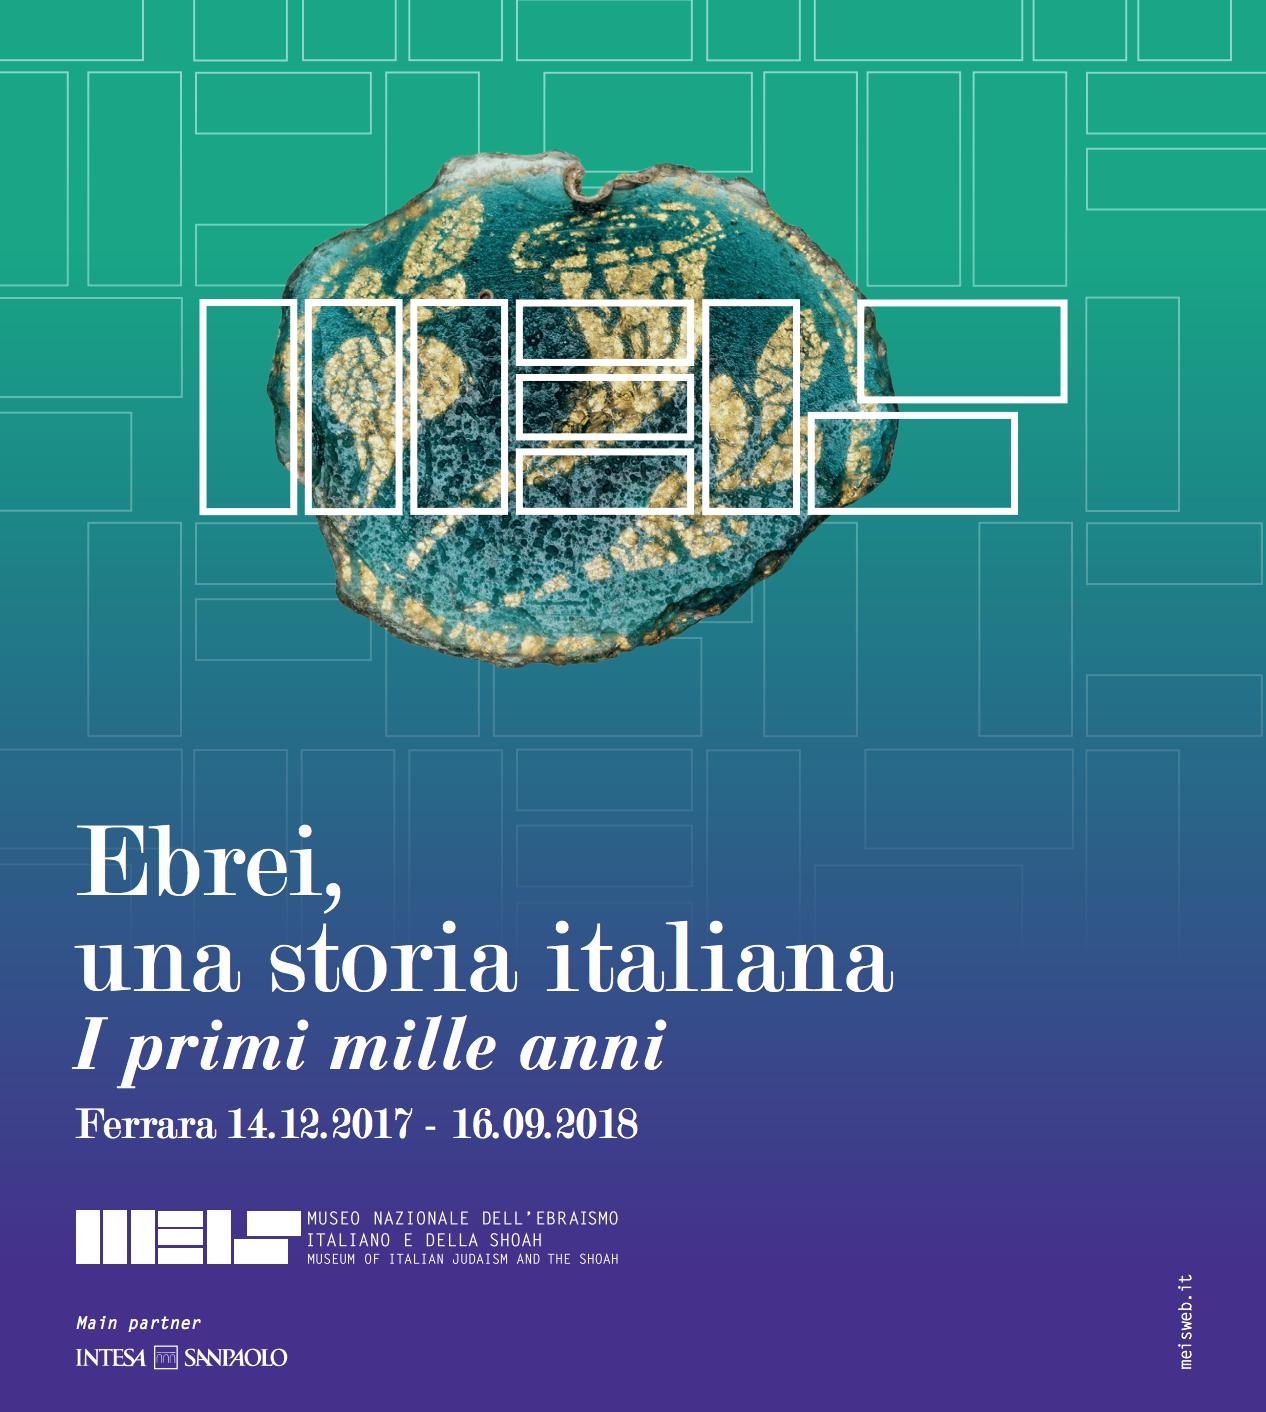 Ebrei, una storia italiana